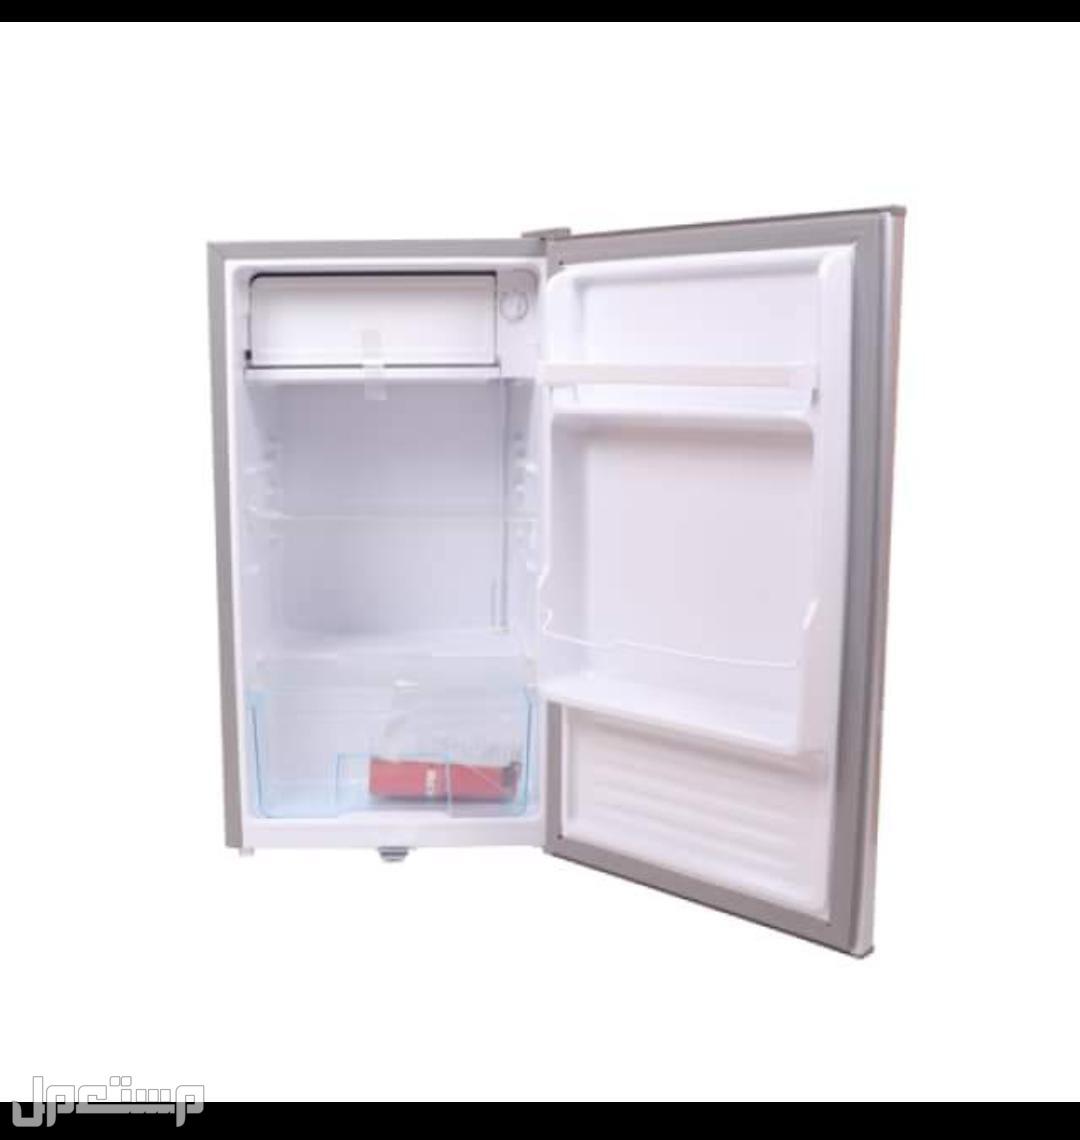 ثلاجة صغيرة باب واحد 110 لتر 4 قدم من نيكاي والتي تصلح لغرف النوم والمكاتب